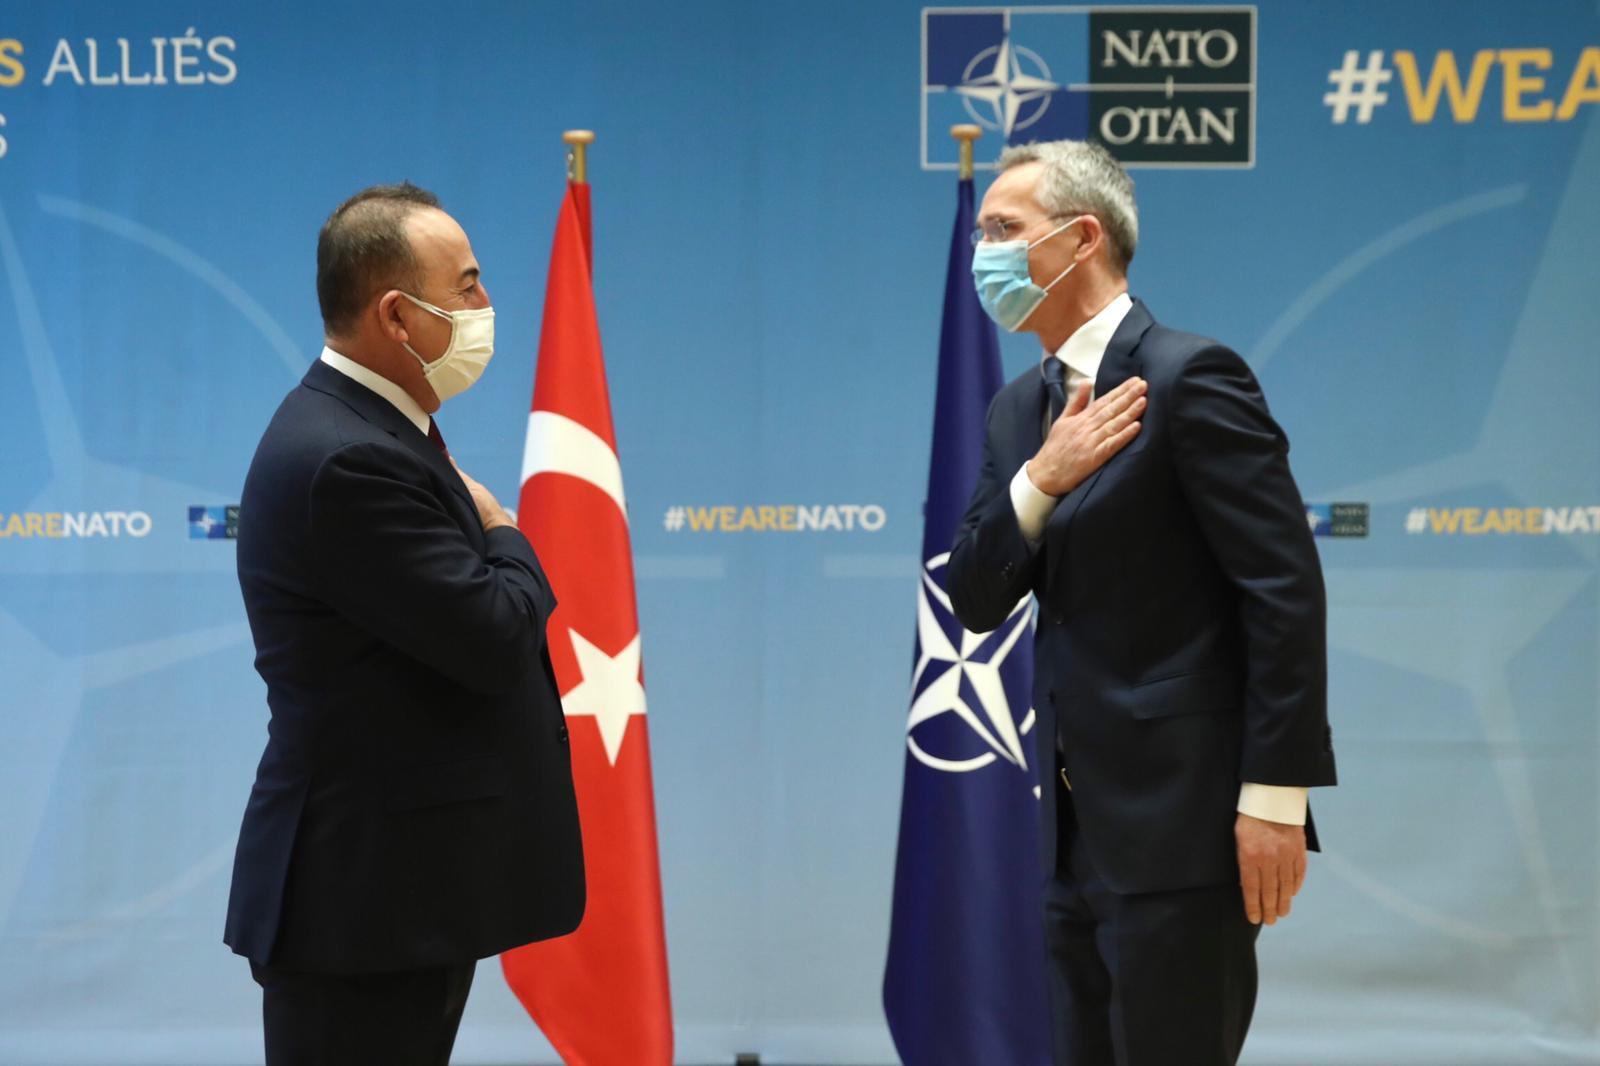 Çavuşoğlu: Irak'ta NATO'yu desteklemeye devam edeceğiz!